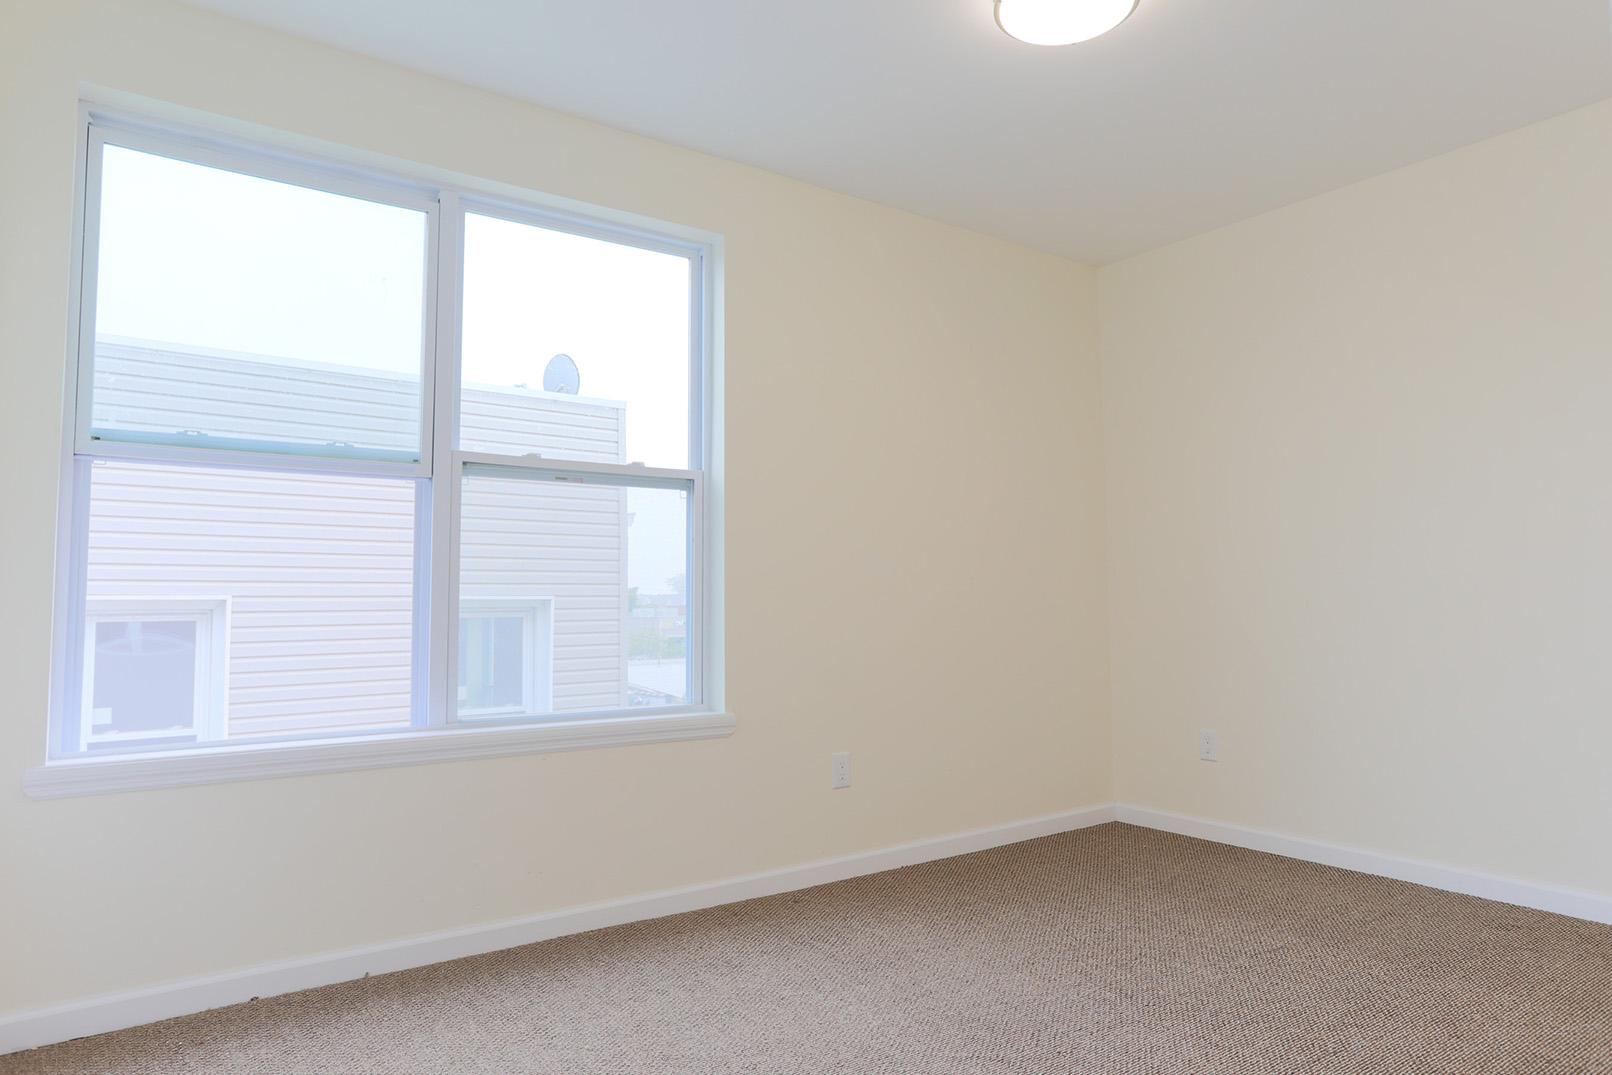 New York, 2 Bedrooms Bedrooms, ,1 BathroomBathrooms,Apartment,For Rent,1005